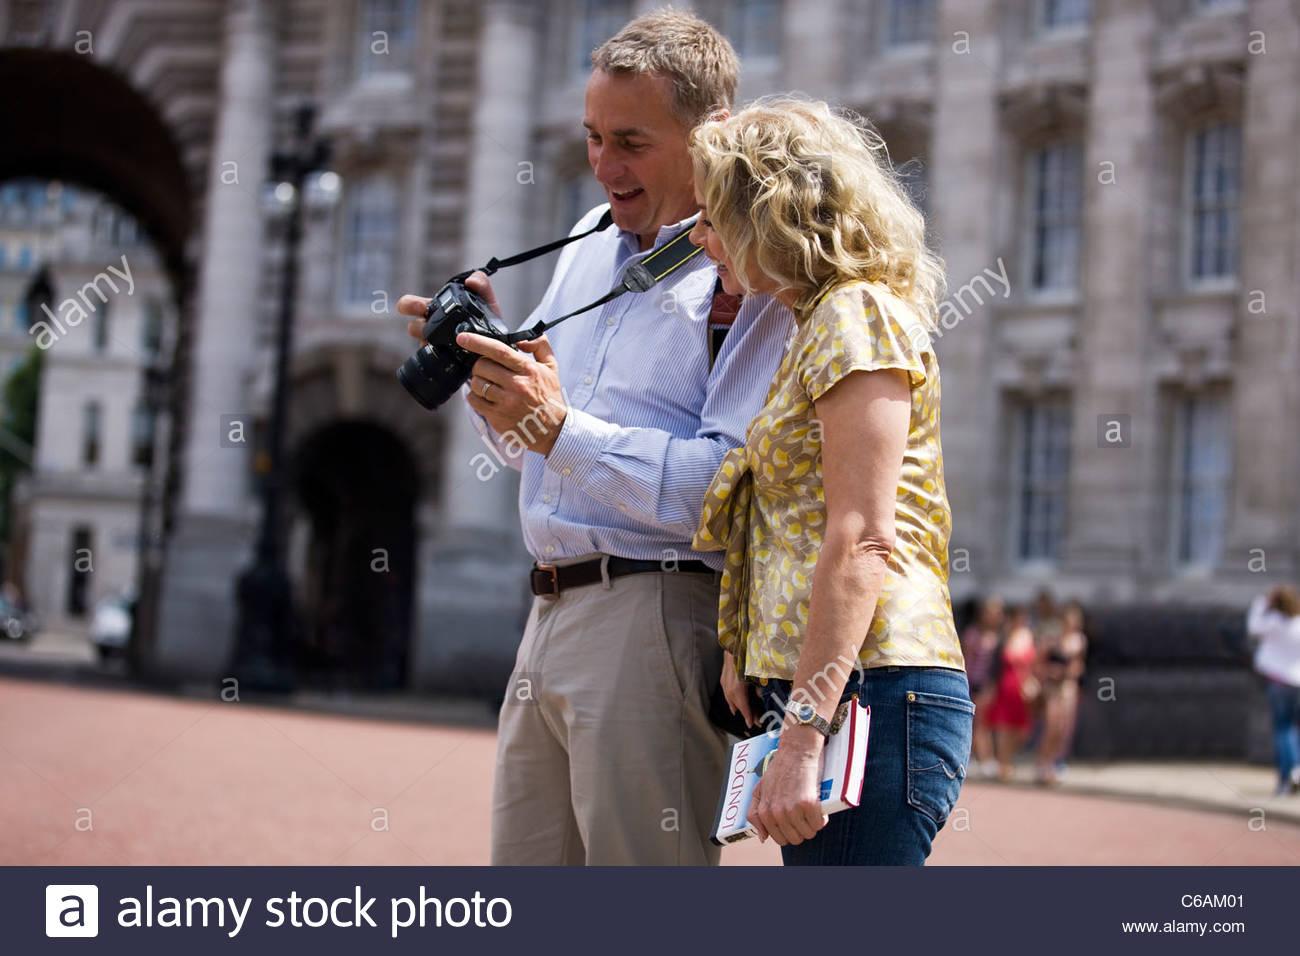 Un couple à la recherche de photographies sur leur appareil photo Photo Stock